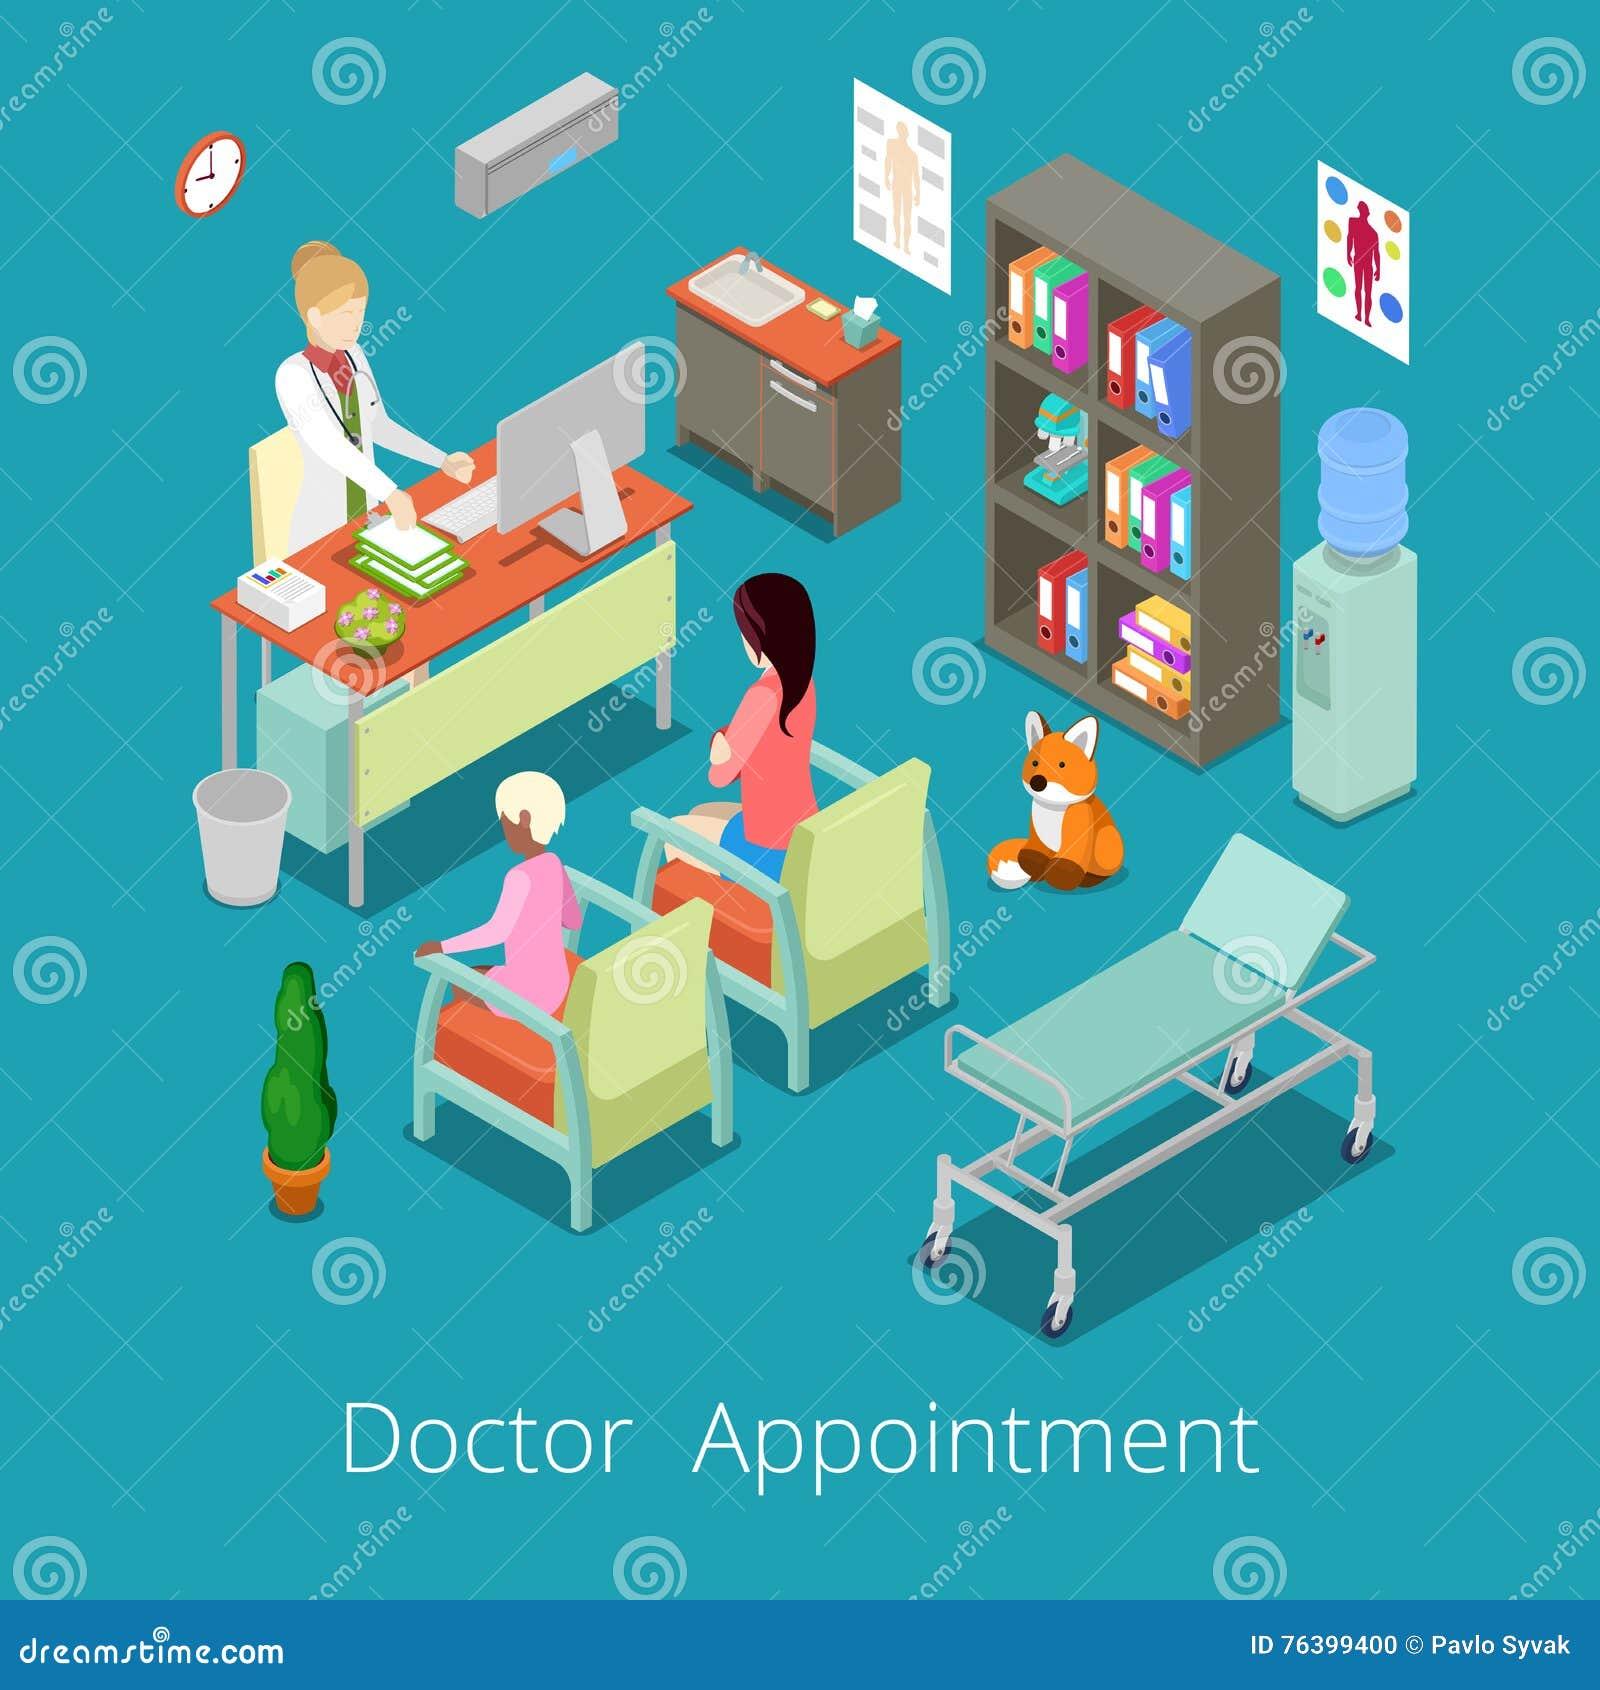 El doctor interior Appointment del gabinete médico isométrico con el paciente